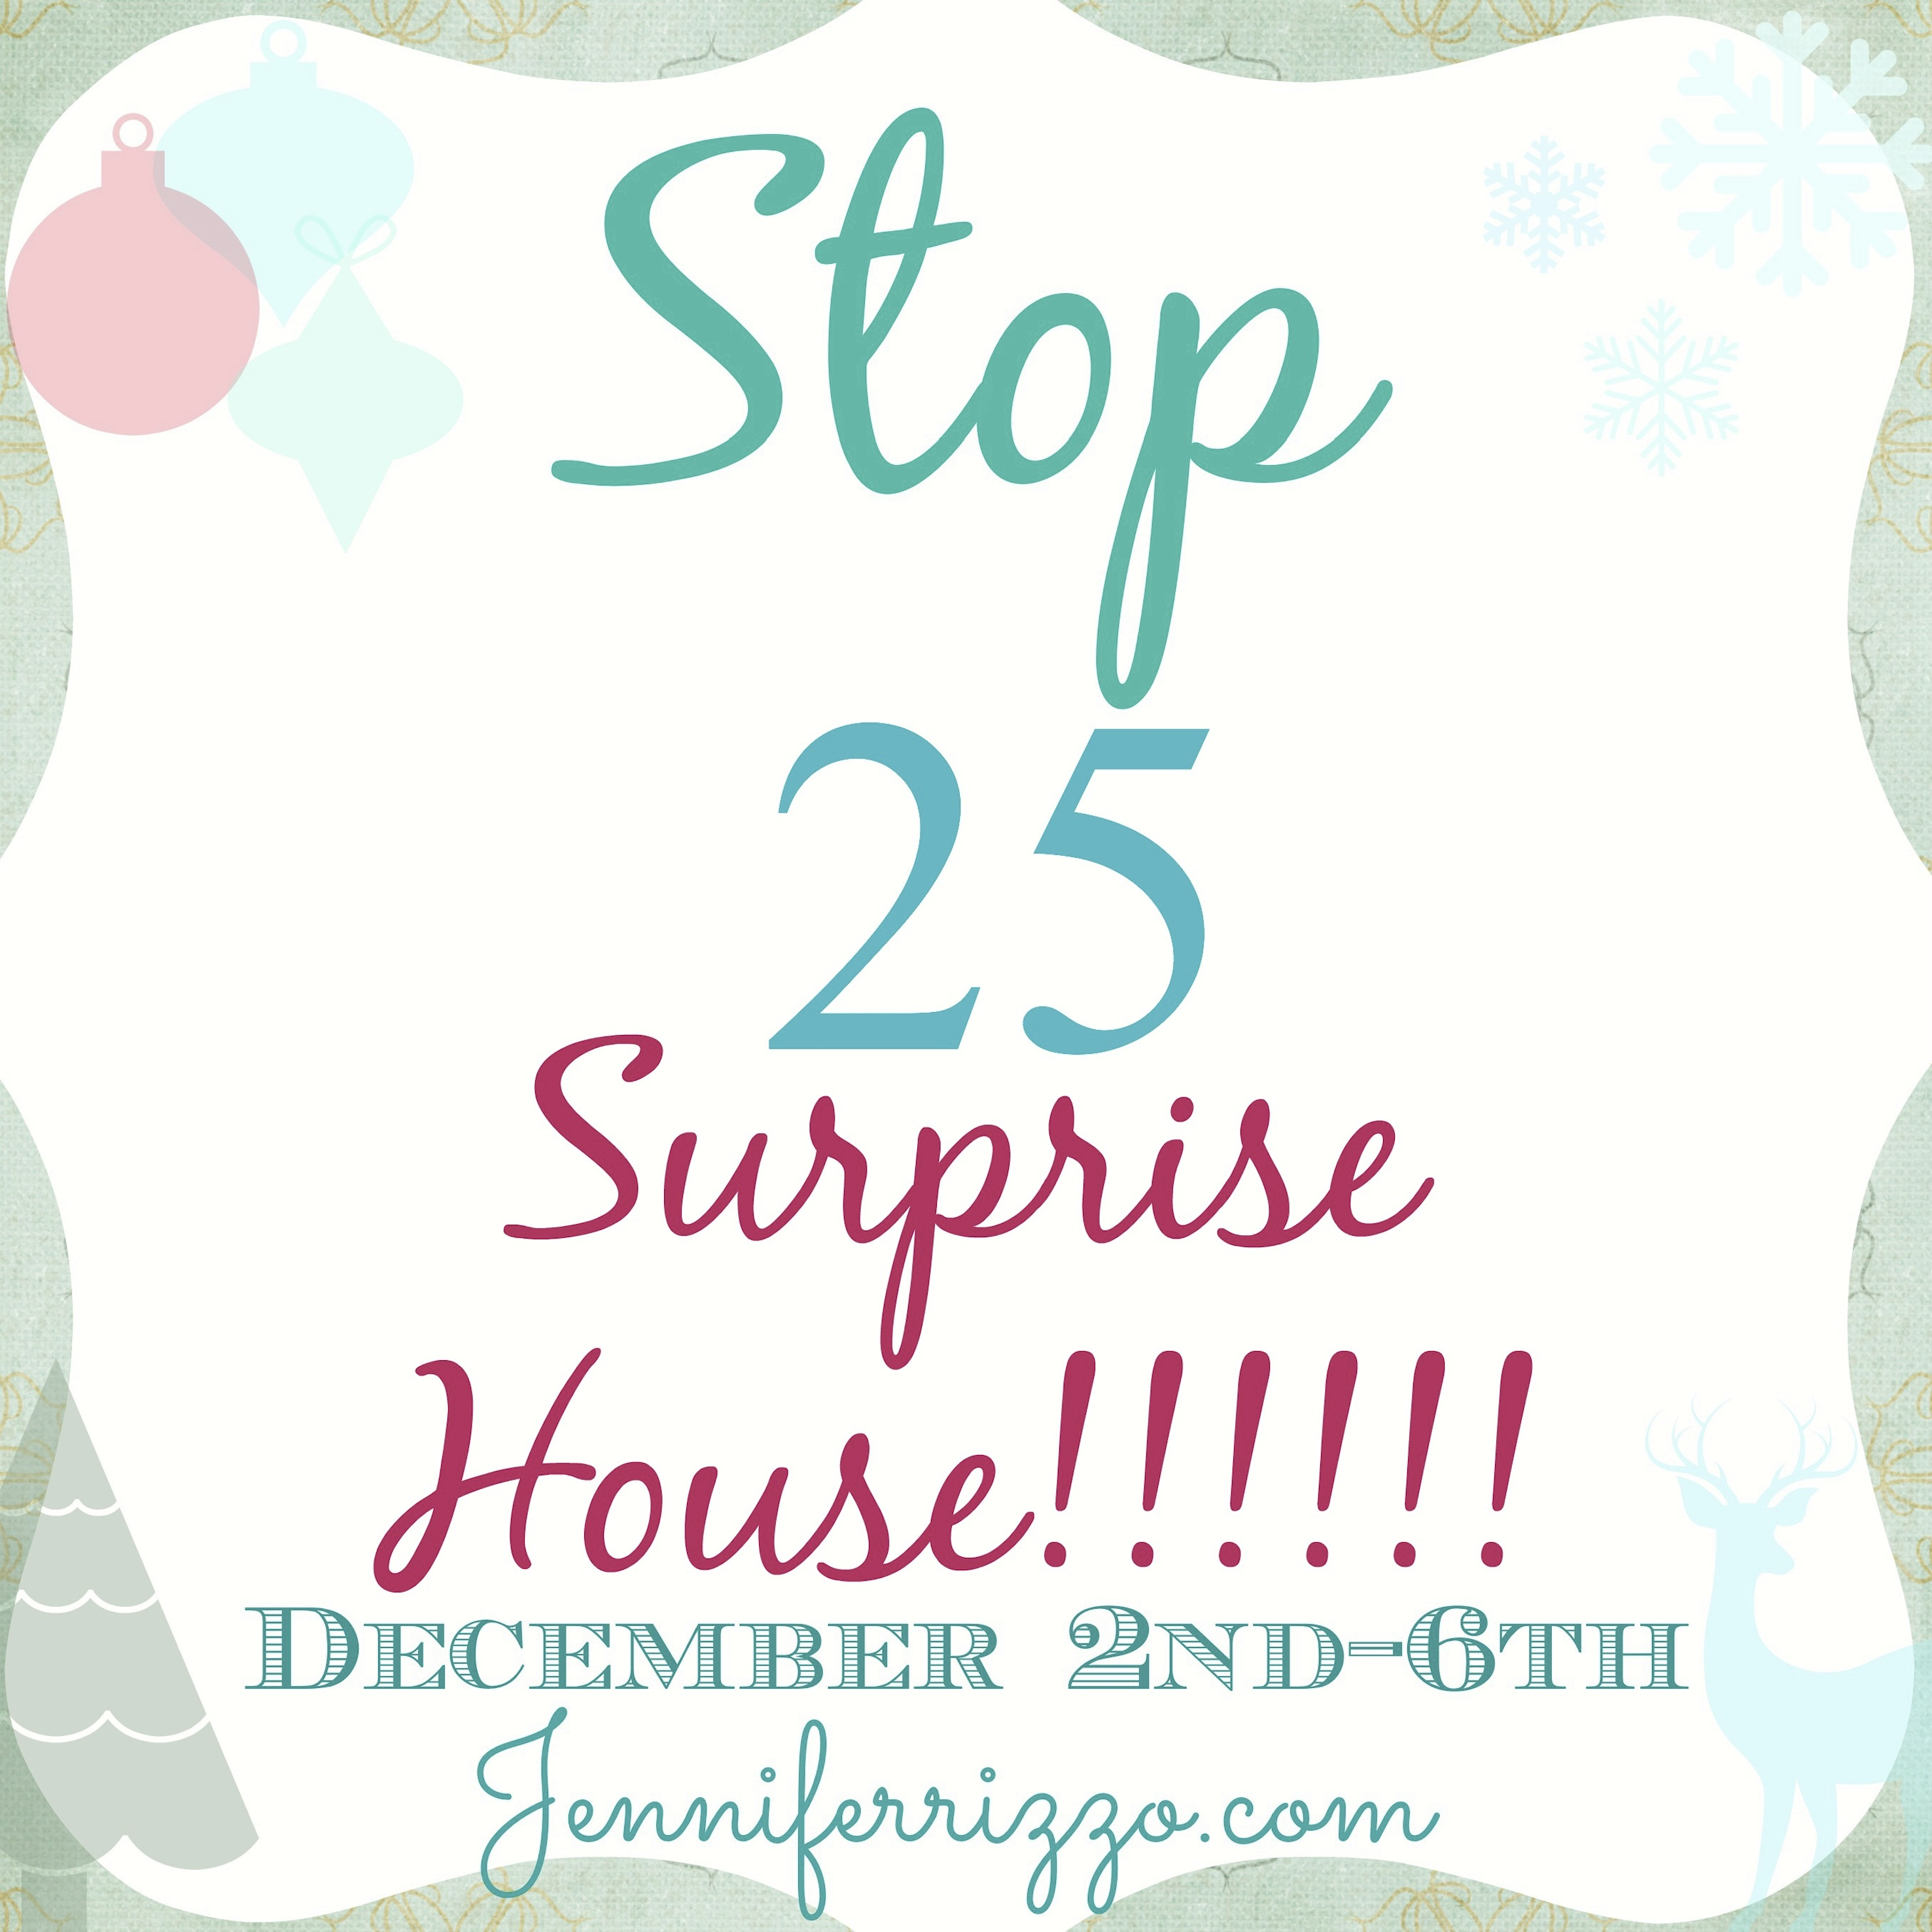 Surprise house 25